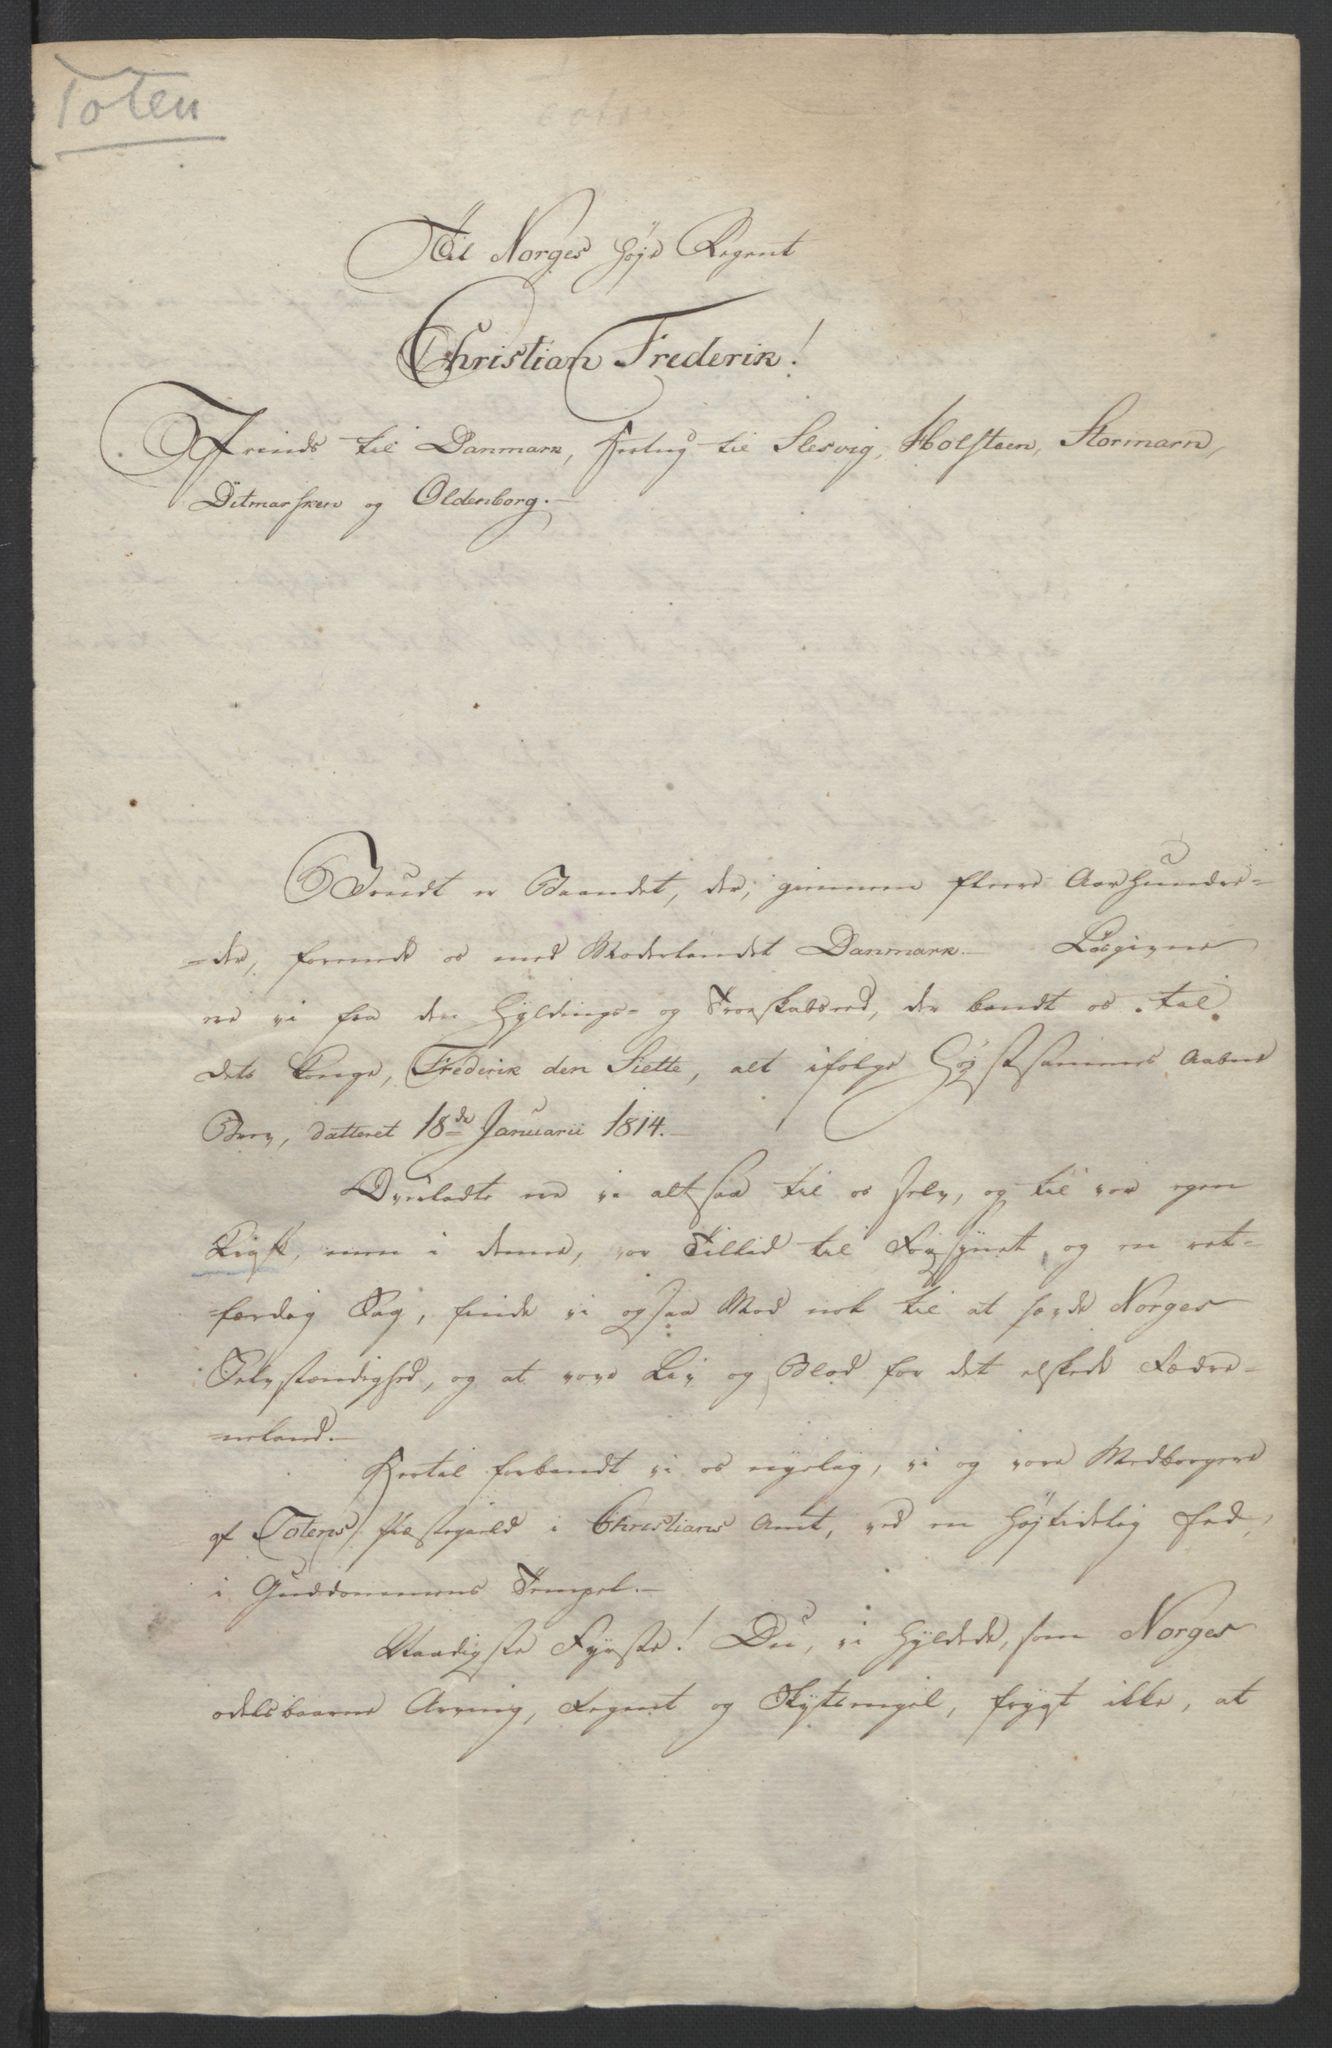 RA, Statsrådssekretariatet, D/Db/L0007: Fullmakter for Eidsvollsrepresentantene i 1814. , 1814, s. 287